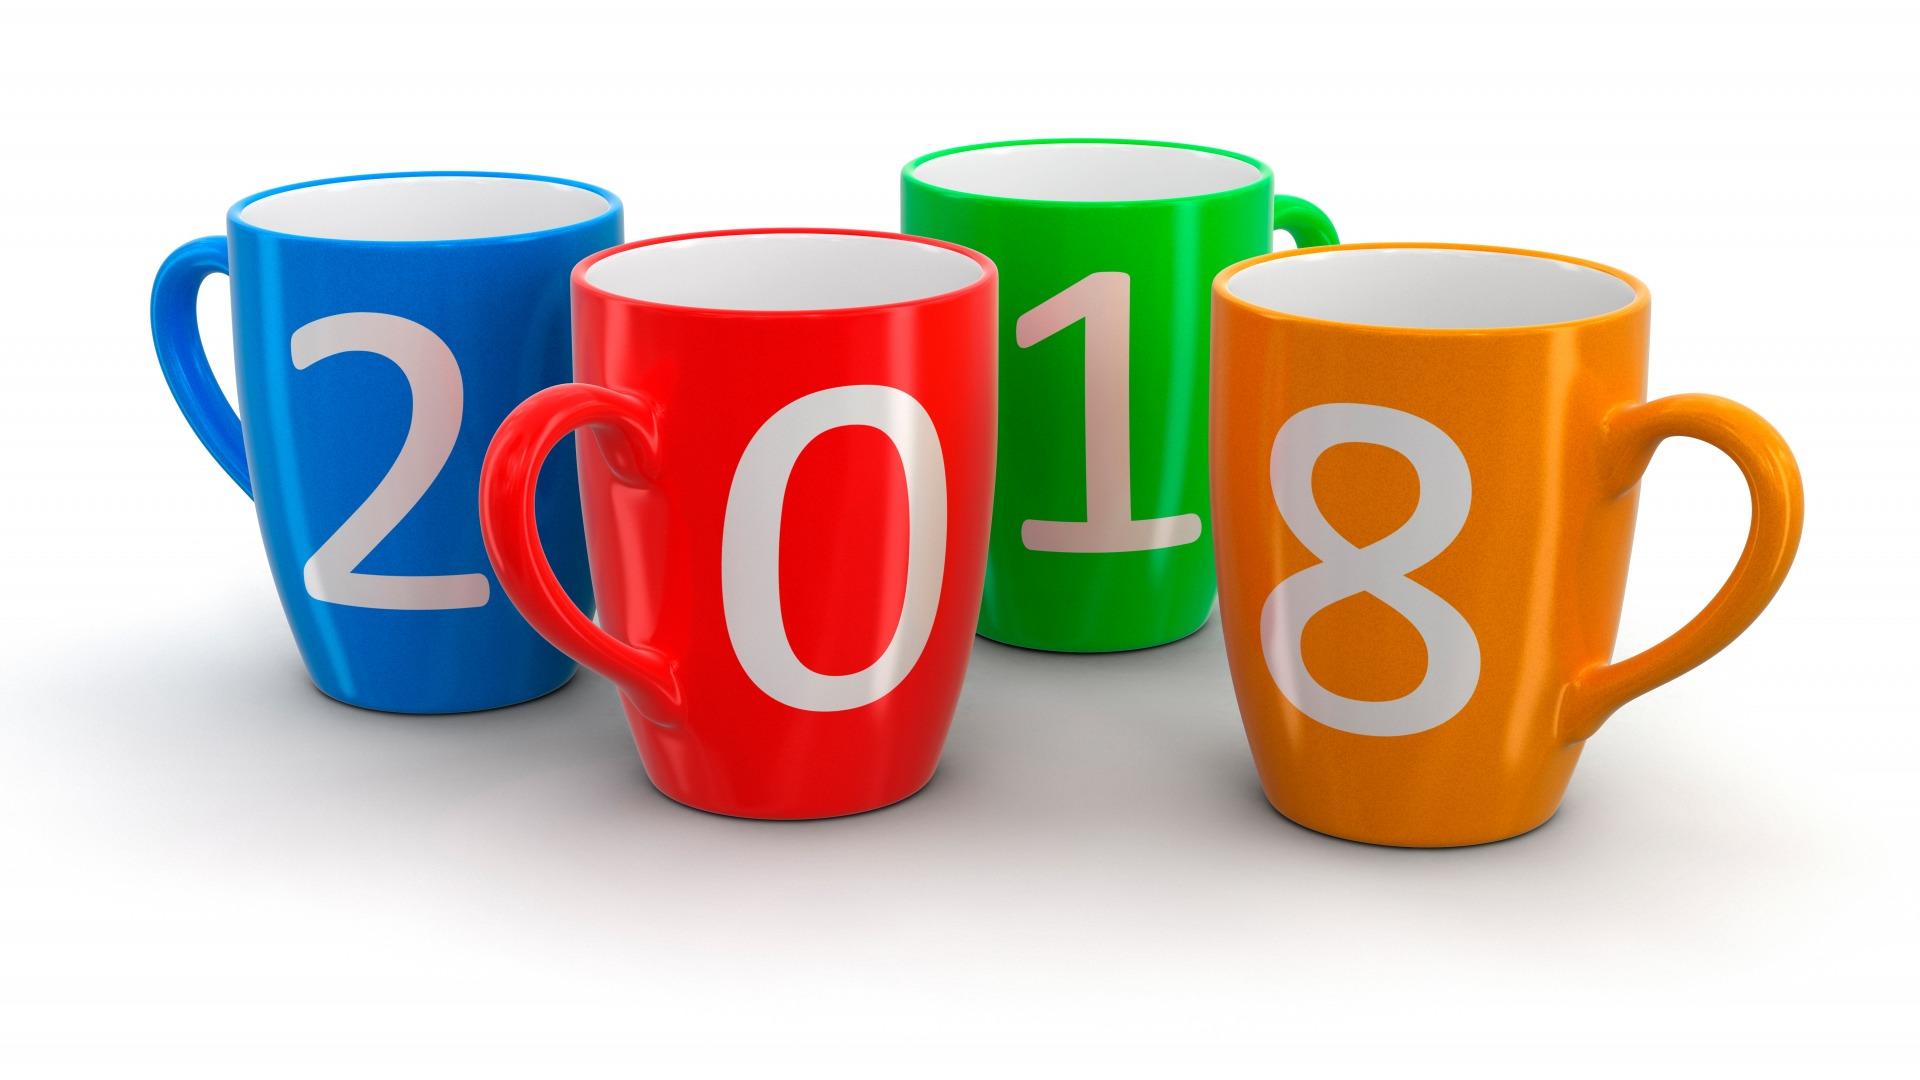 Скачать бесплатно картинку с новым годом на телефон 11